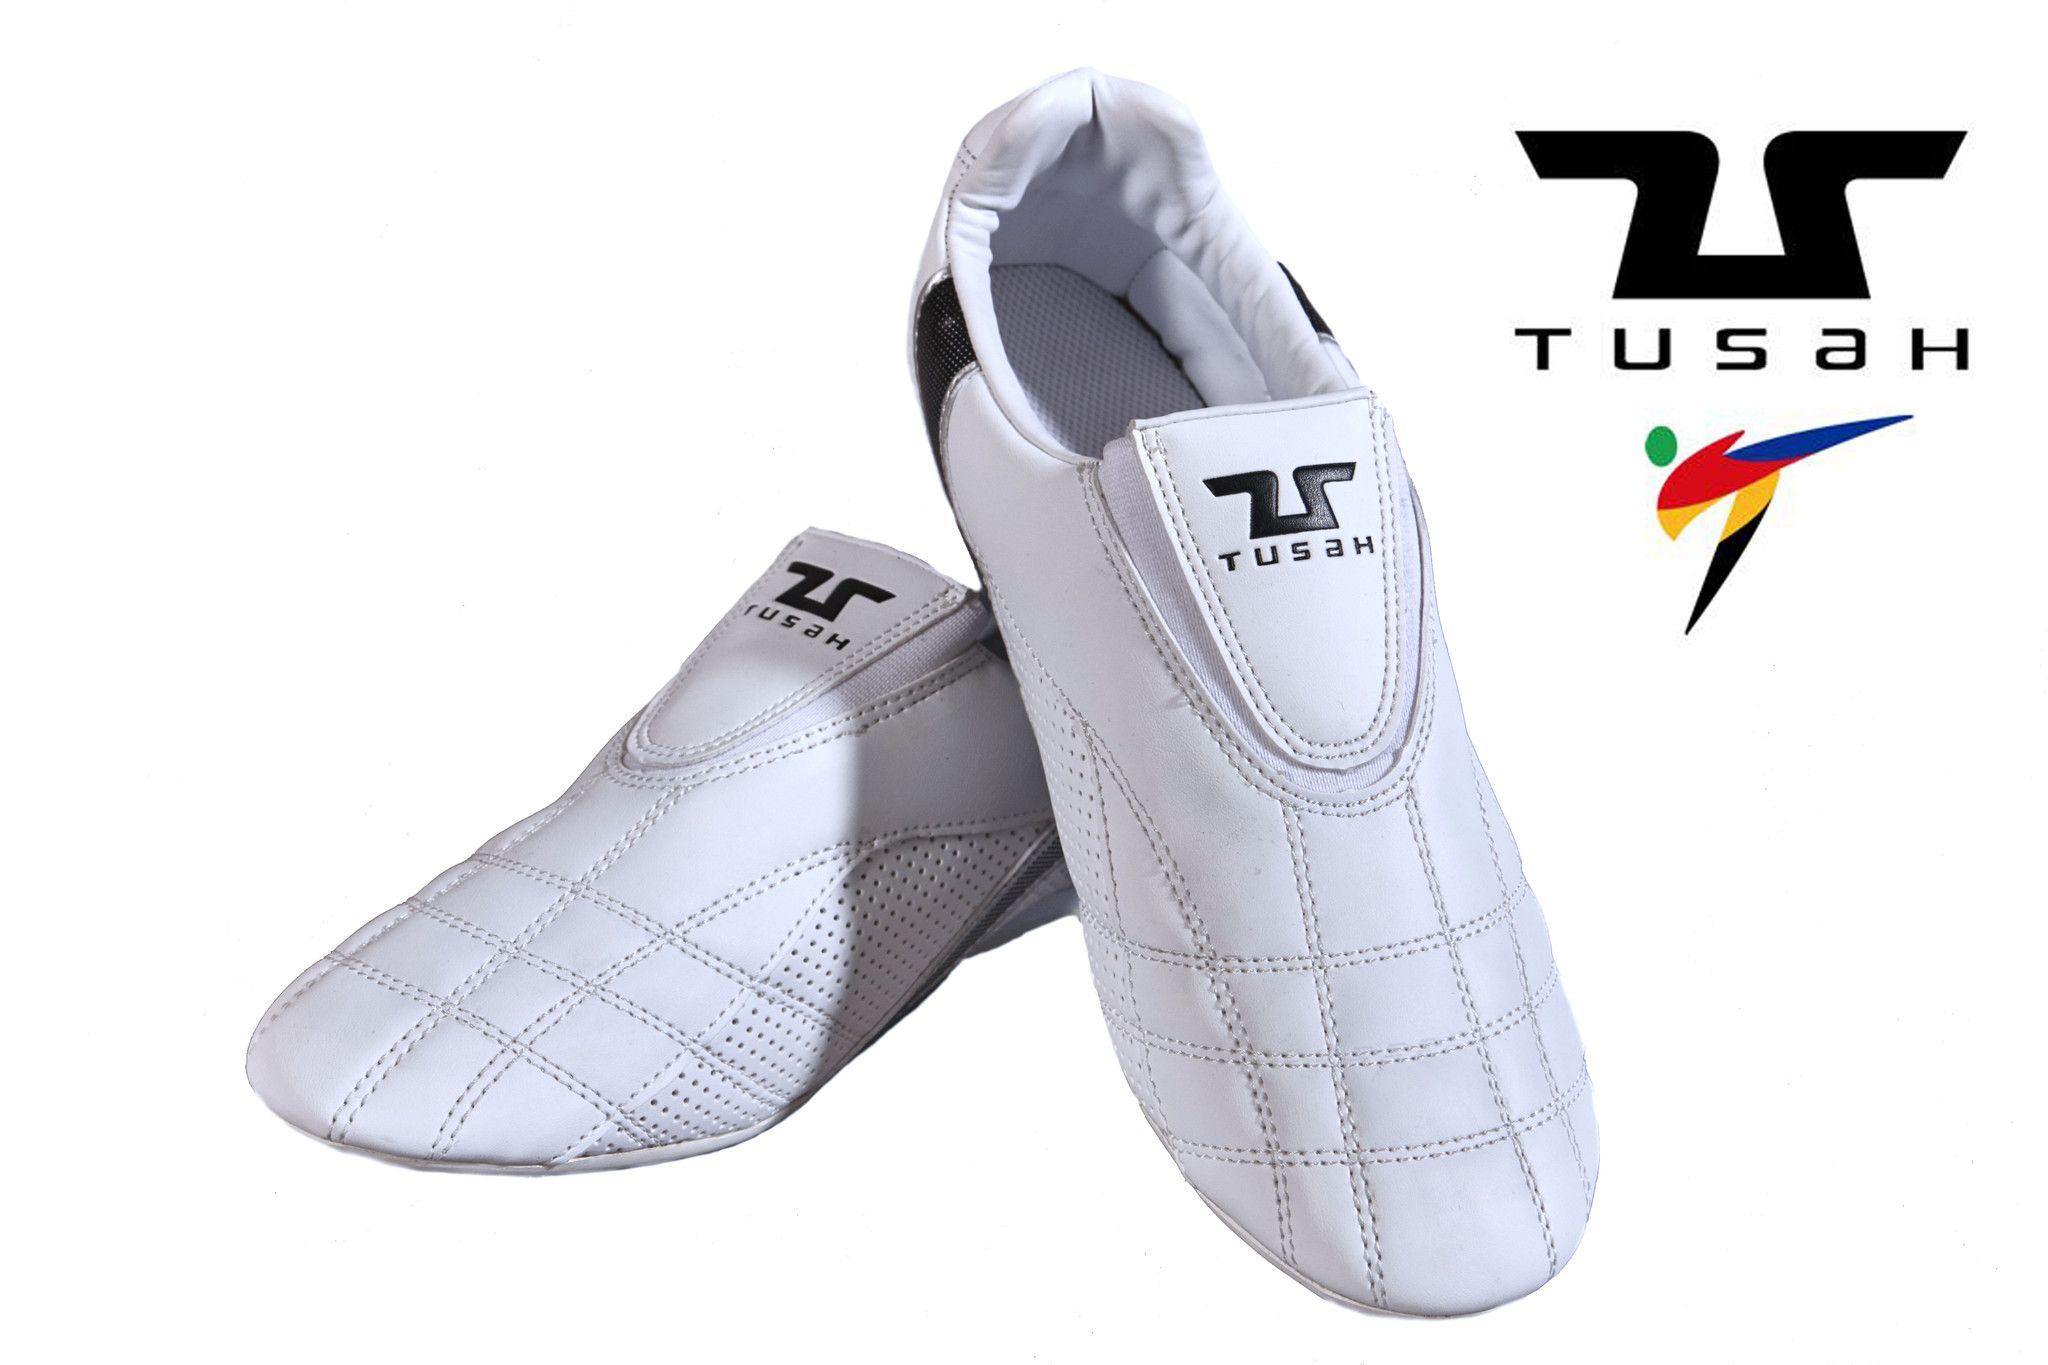 Scarpetta Training Tusah per Taekwondo, Karate ed Arti Marziali made in Corea ideale per l'allenamento di tutti i giorni